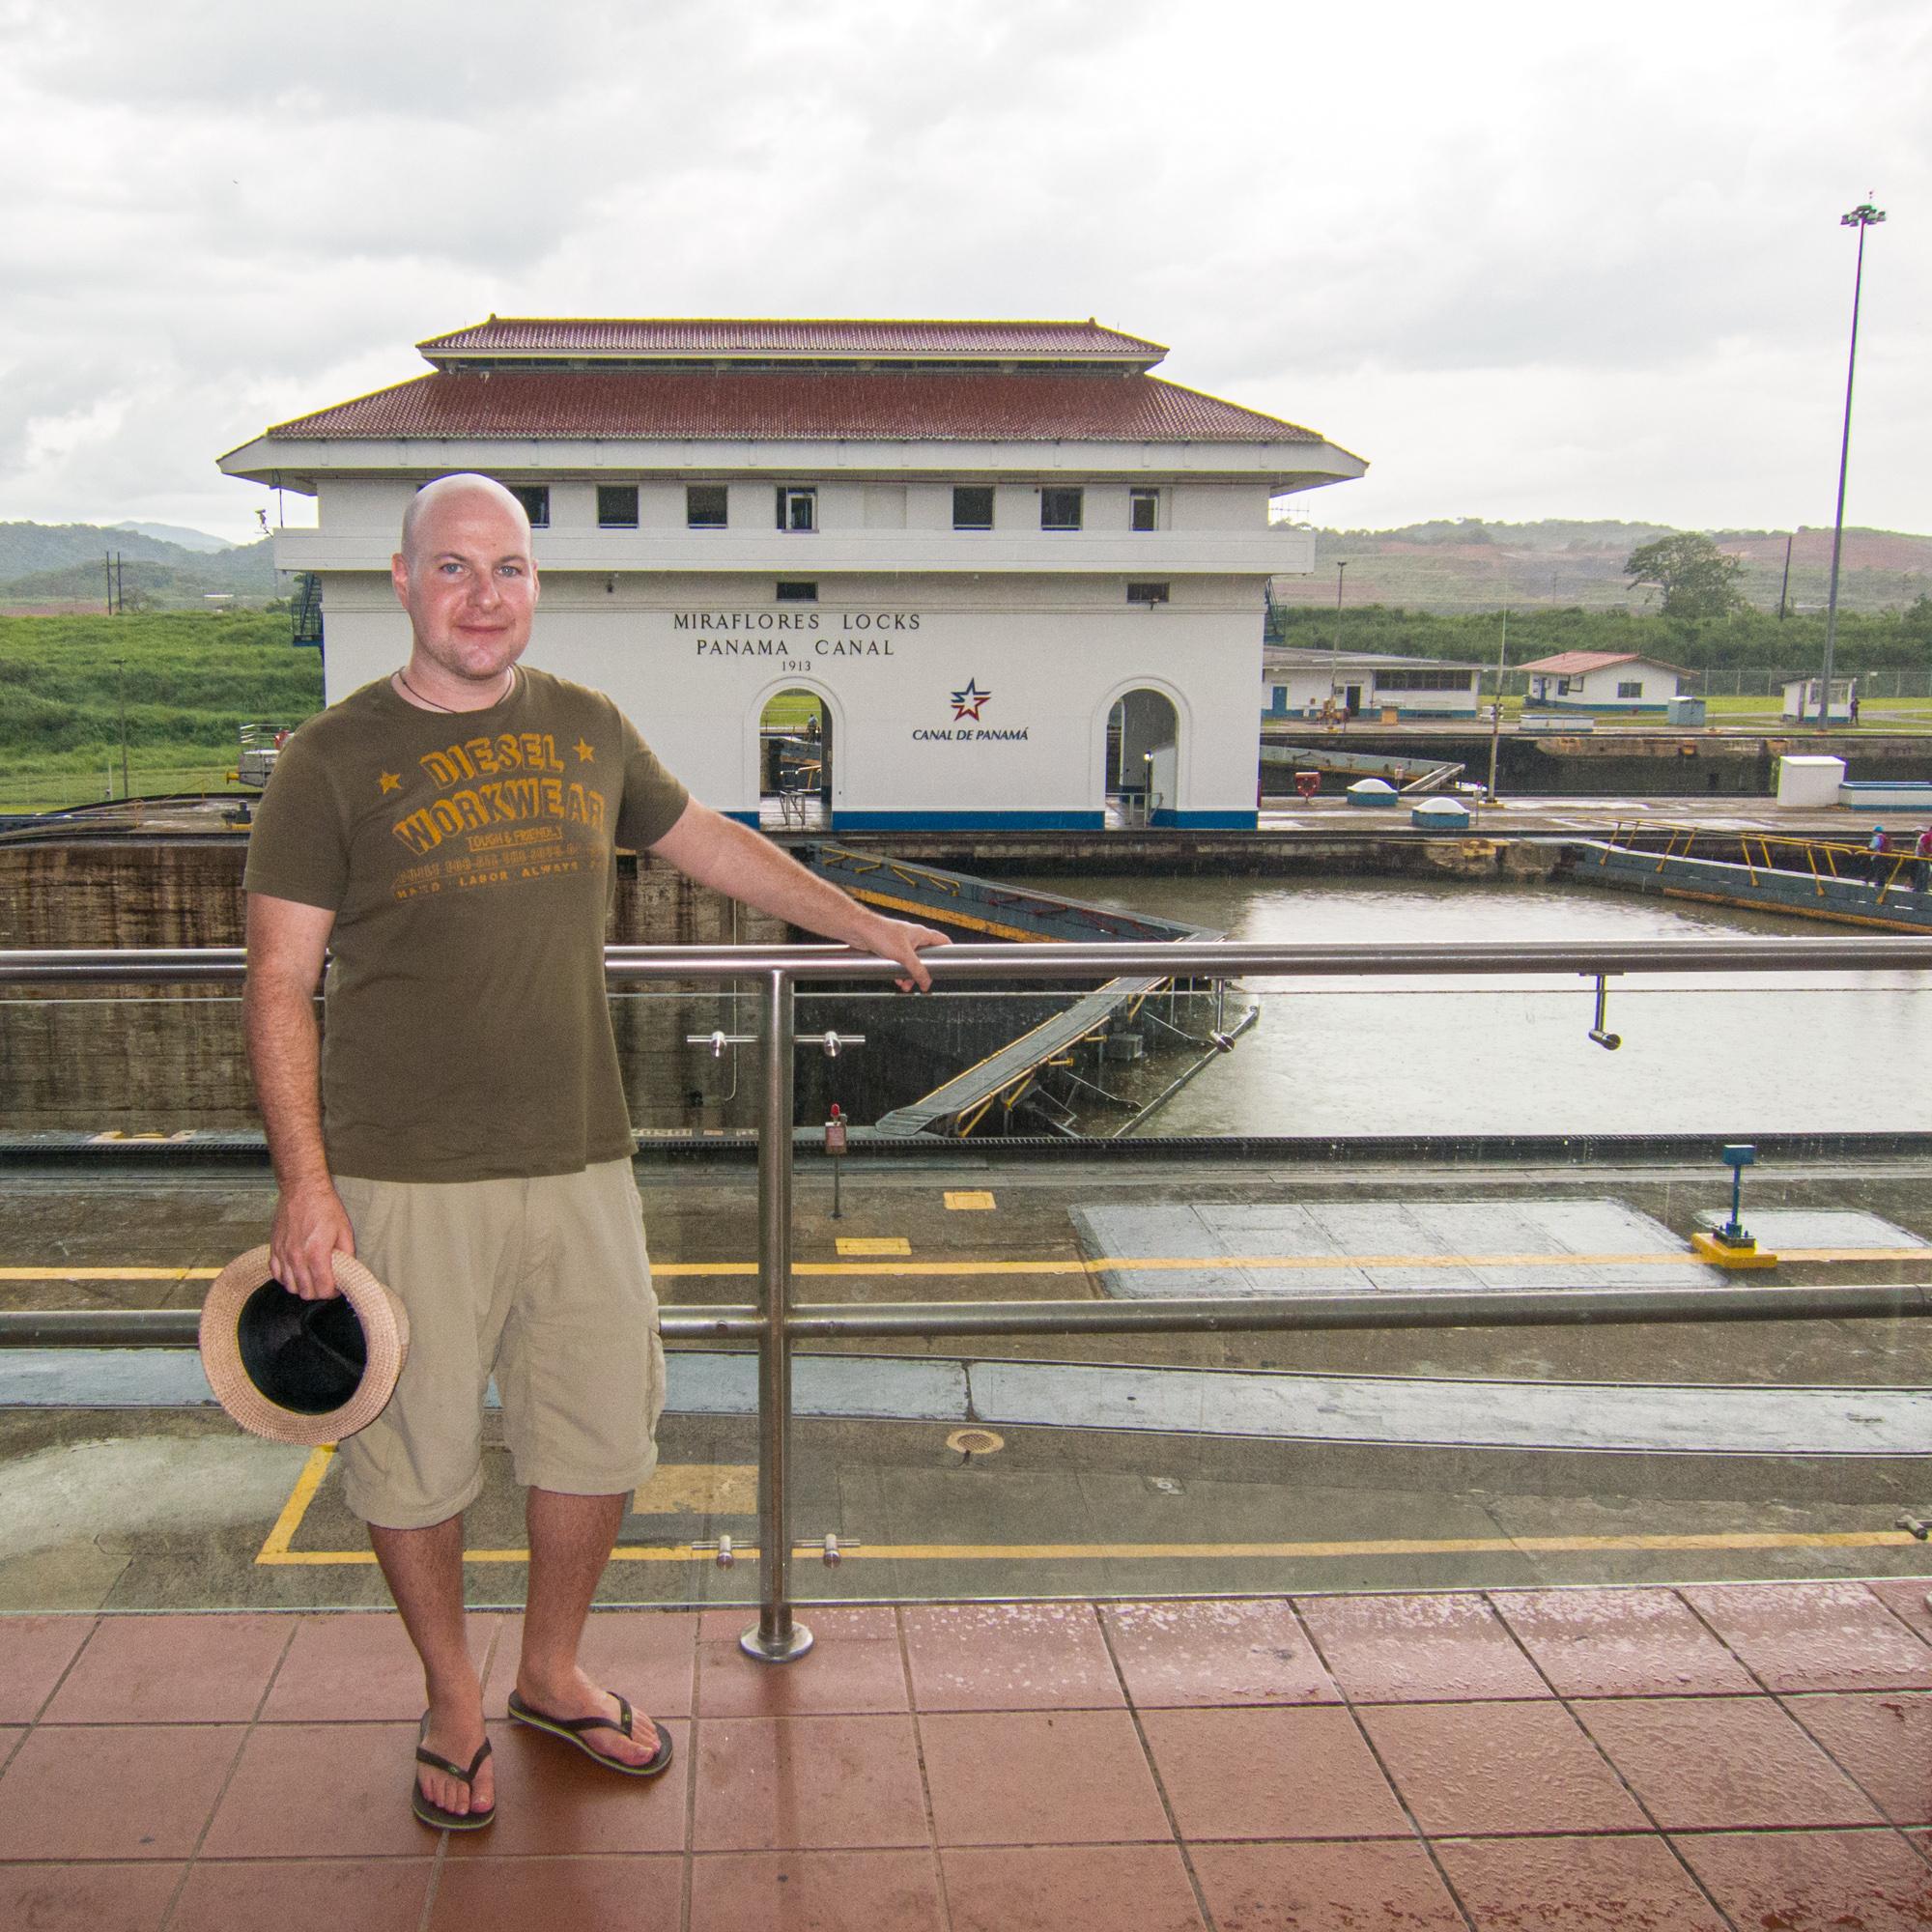 Miraflores Locks at Panama Canal